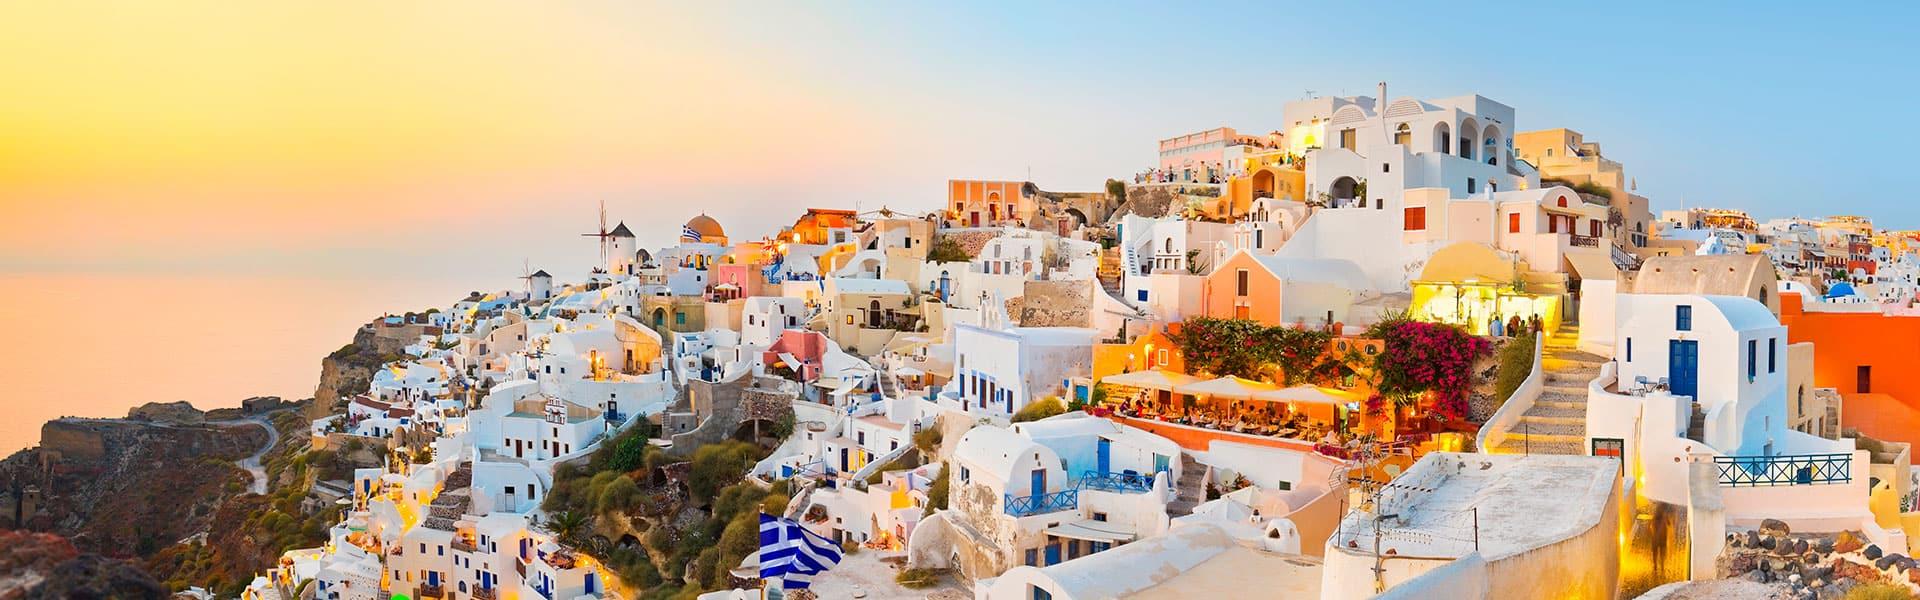 איי יוון: סנטוריני, אתונהופירנצה